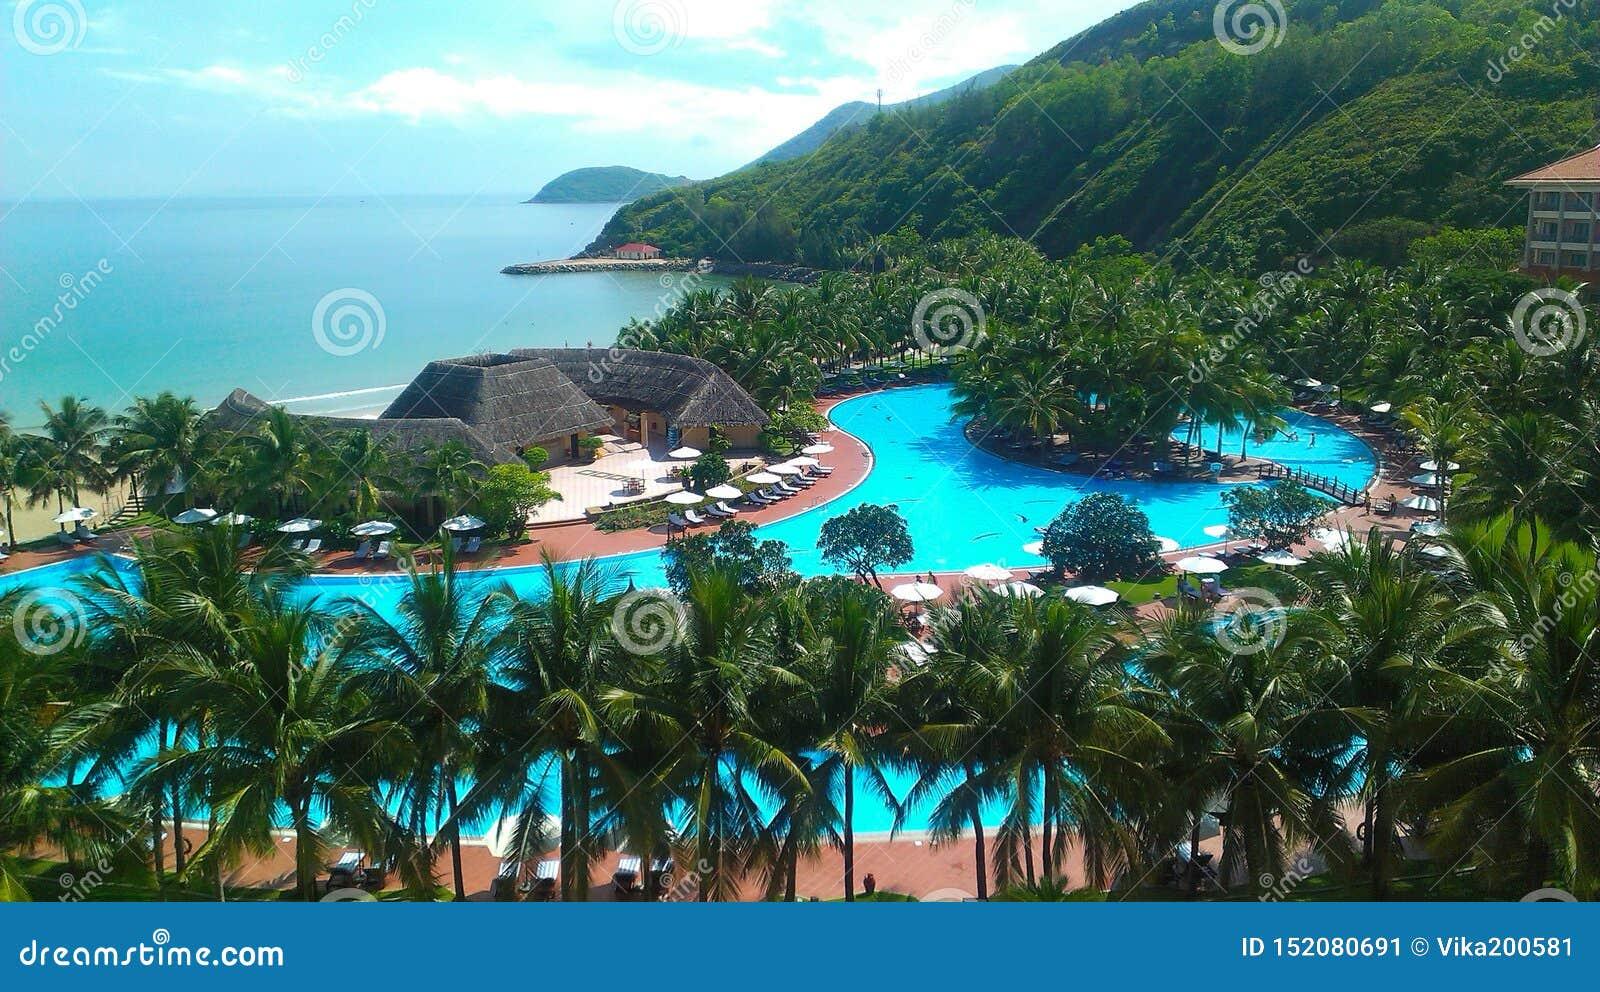 Mooie mening van hoogte van het hotelgrondgebied op het eiland